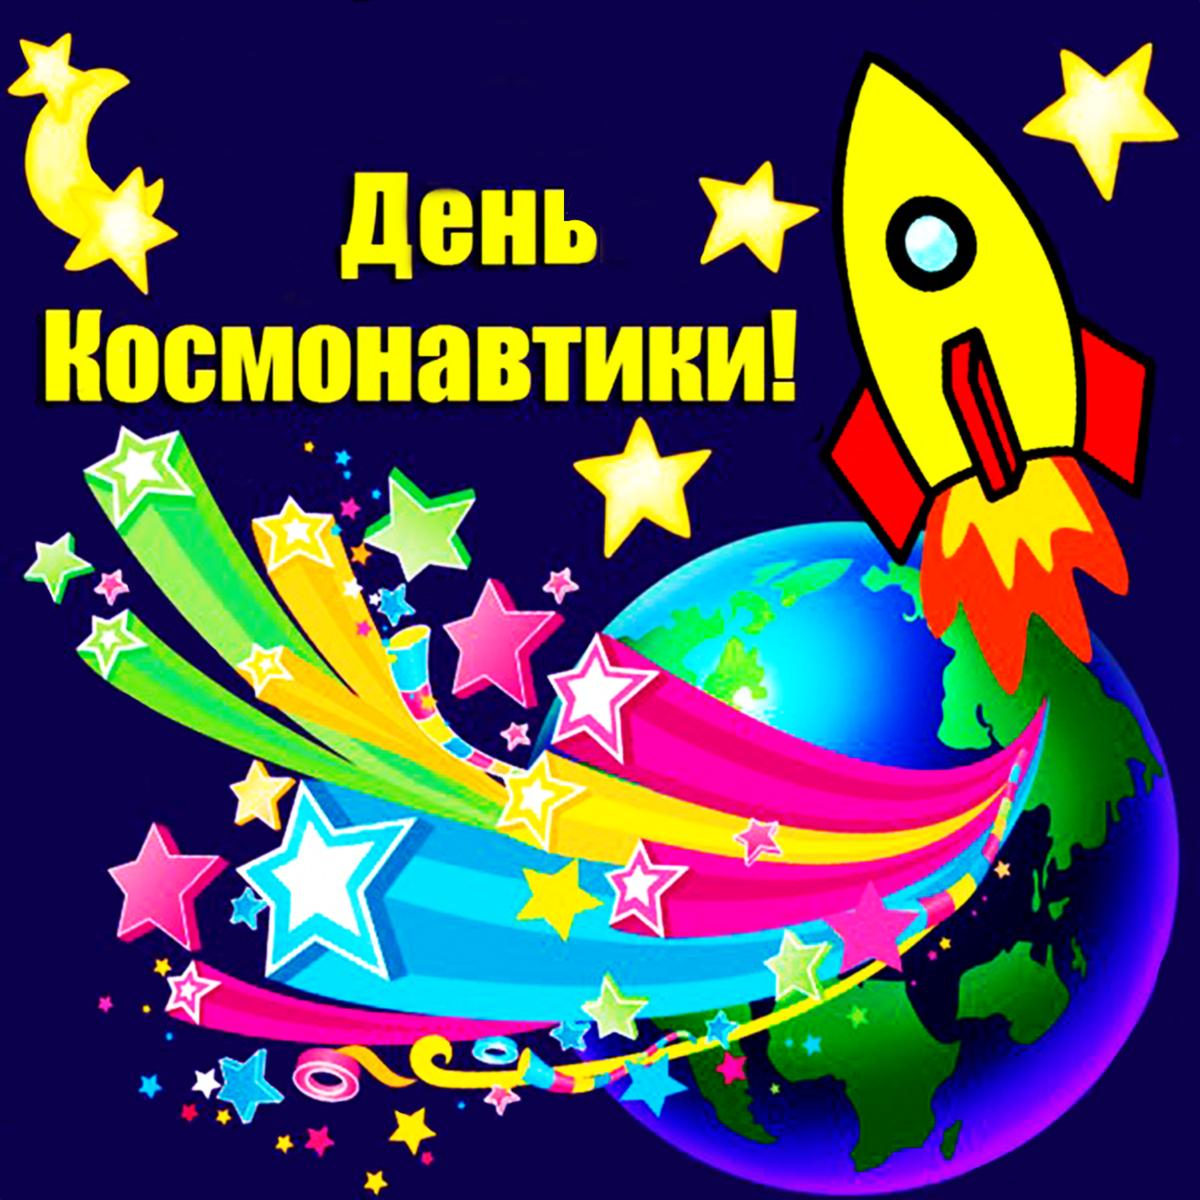 Прикольные картинки с днем космонавтики, вставить